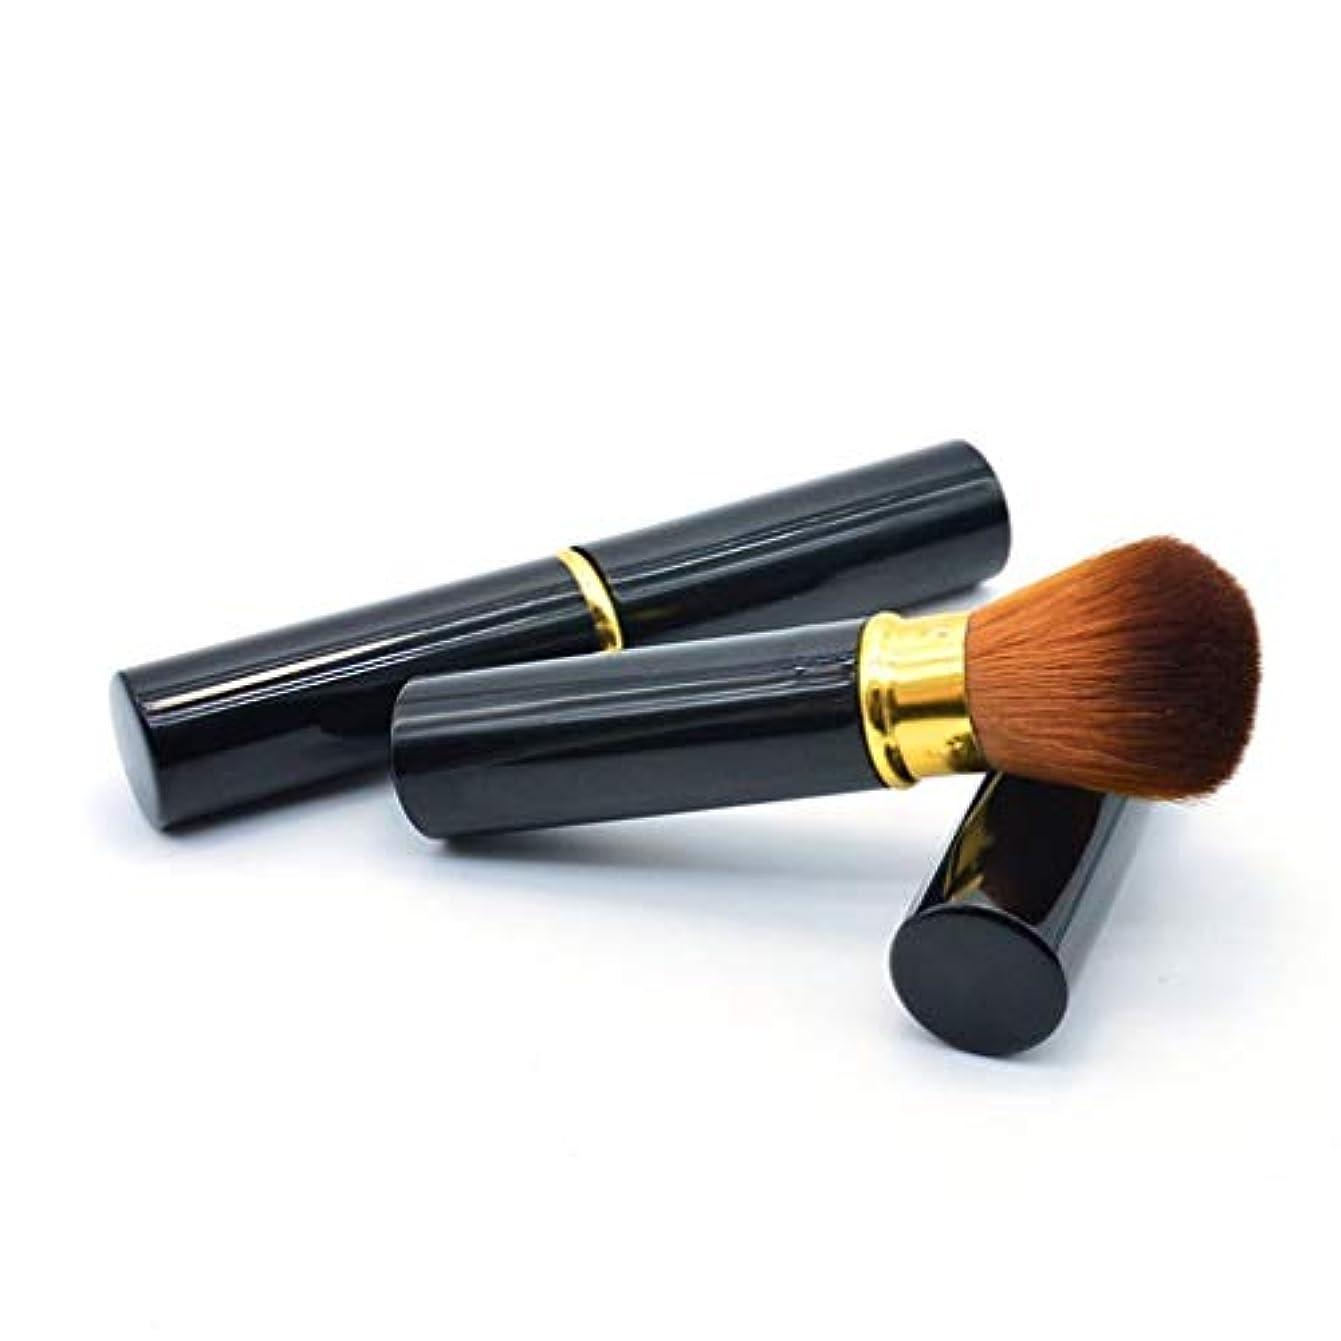 荒廃する時代遅れ経由でメイクアップブラシファンデーションメイクアップリキッド、クリーム、または完璧なパウダー化粧品 - バフ、点描、コンシーラー - 上質な合成稠密剛毛